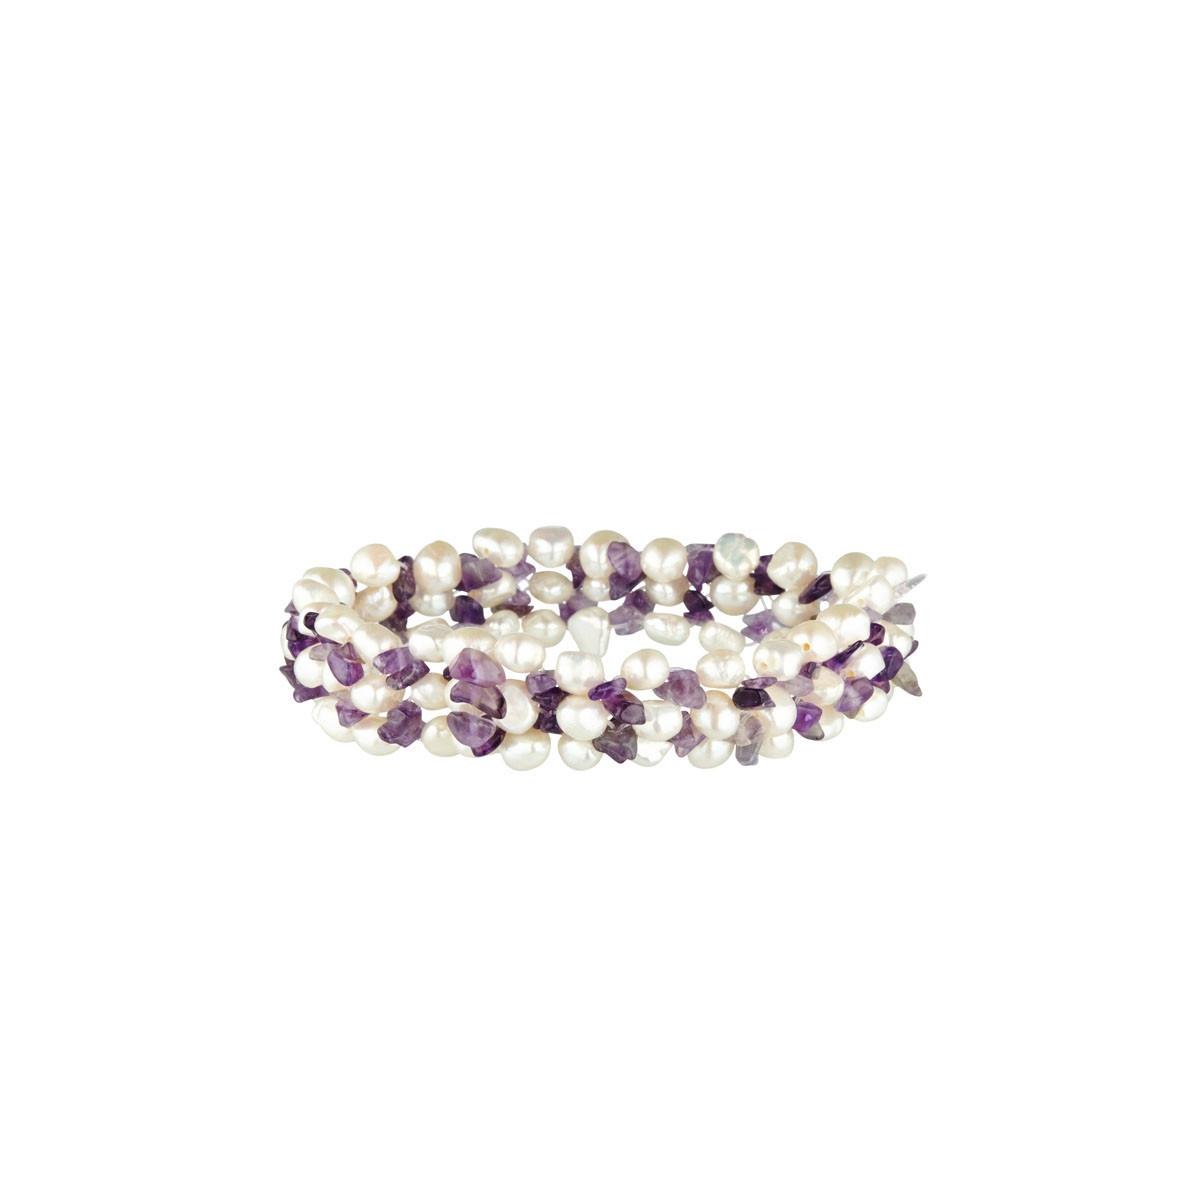 bracelet perles et perle de culture blanche aw93lrpa mes. Black Bedroom Furniture Sets. Home Design Ideas